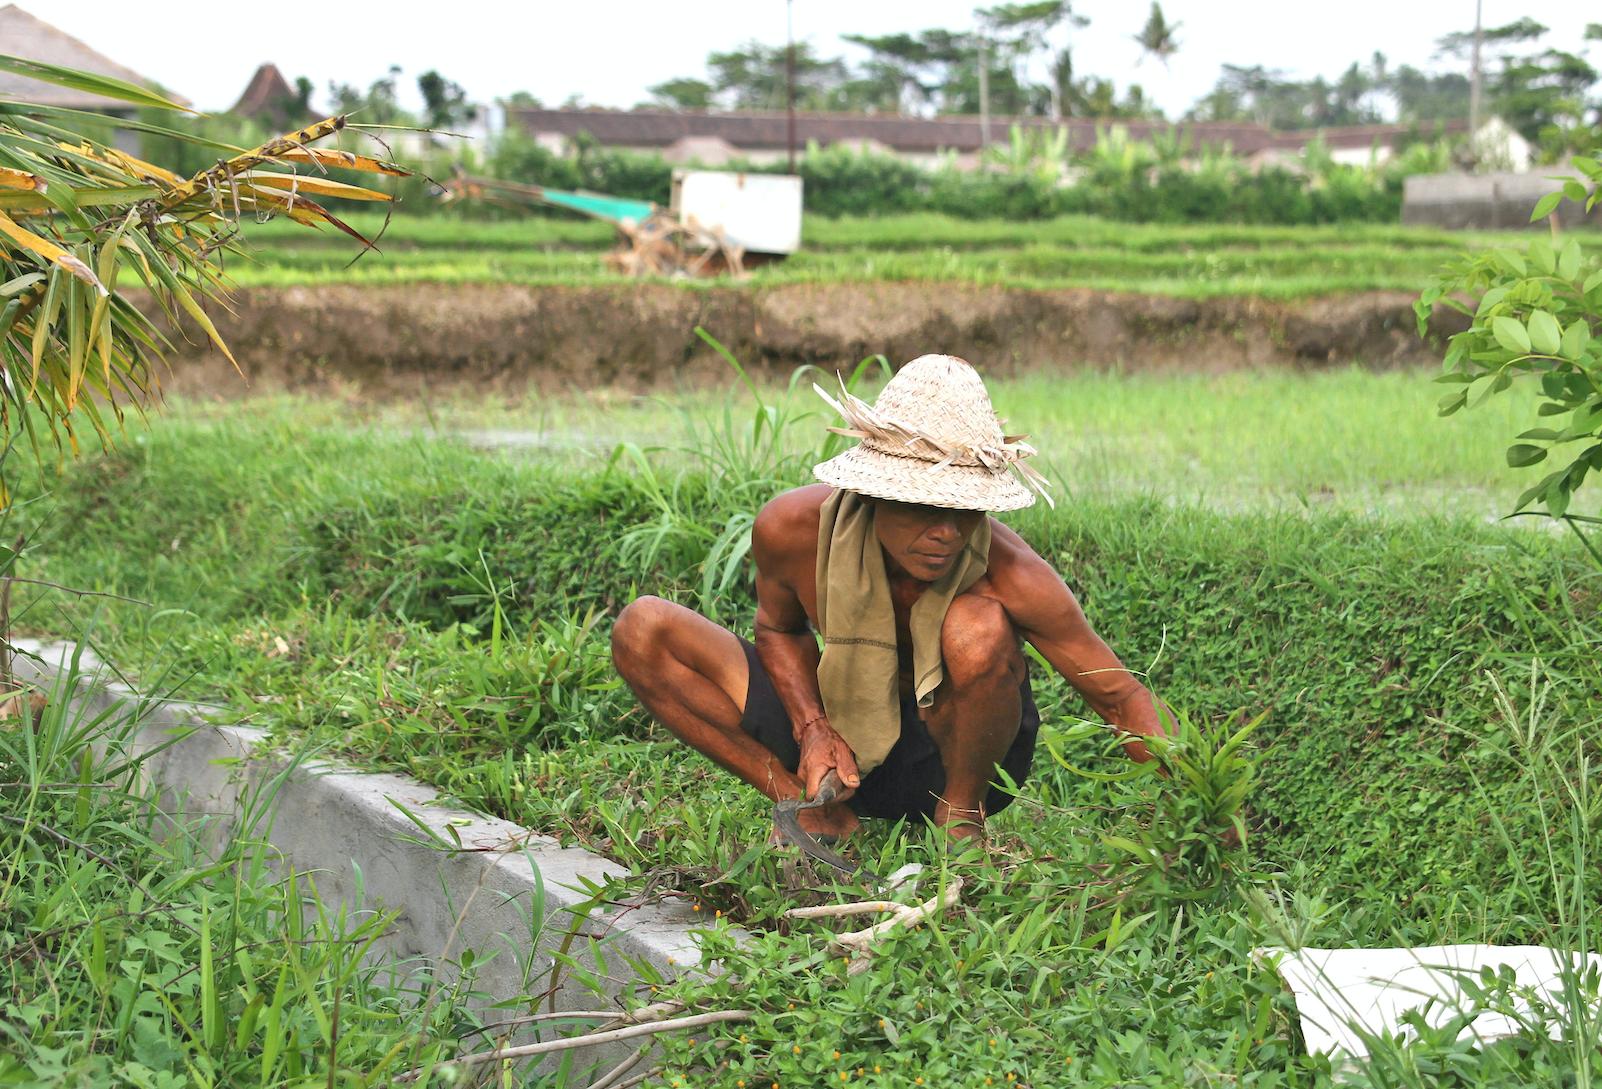 Risbøndene har en knallhard jobb, ettersom det meste av jobben foregår for hånd.